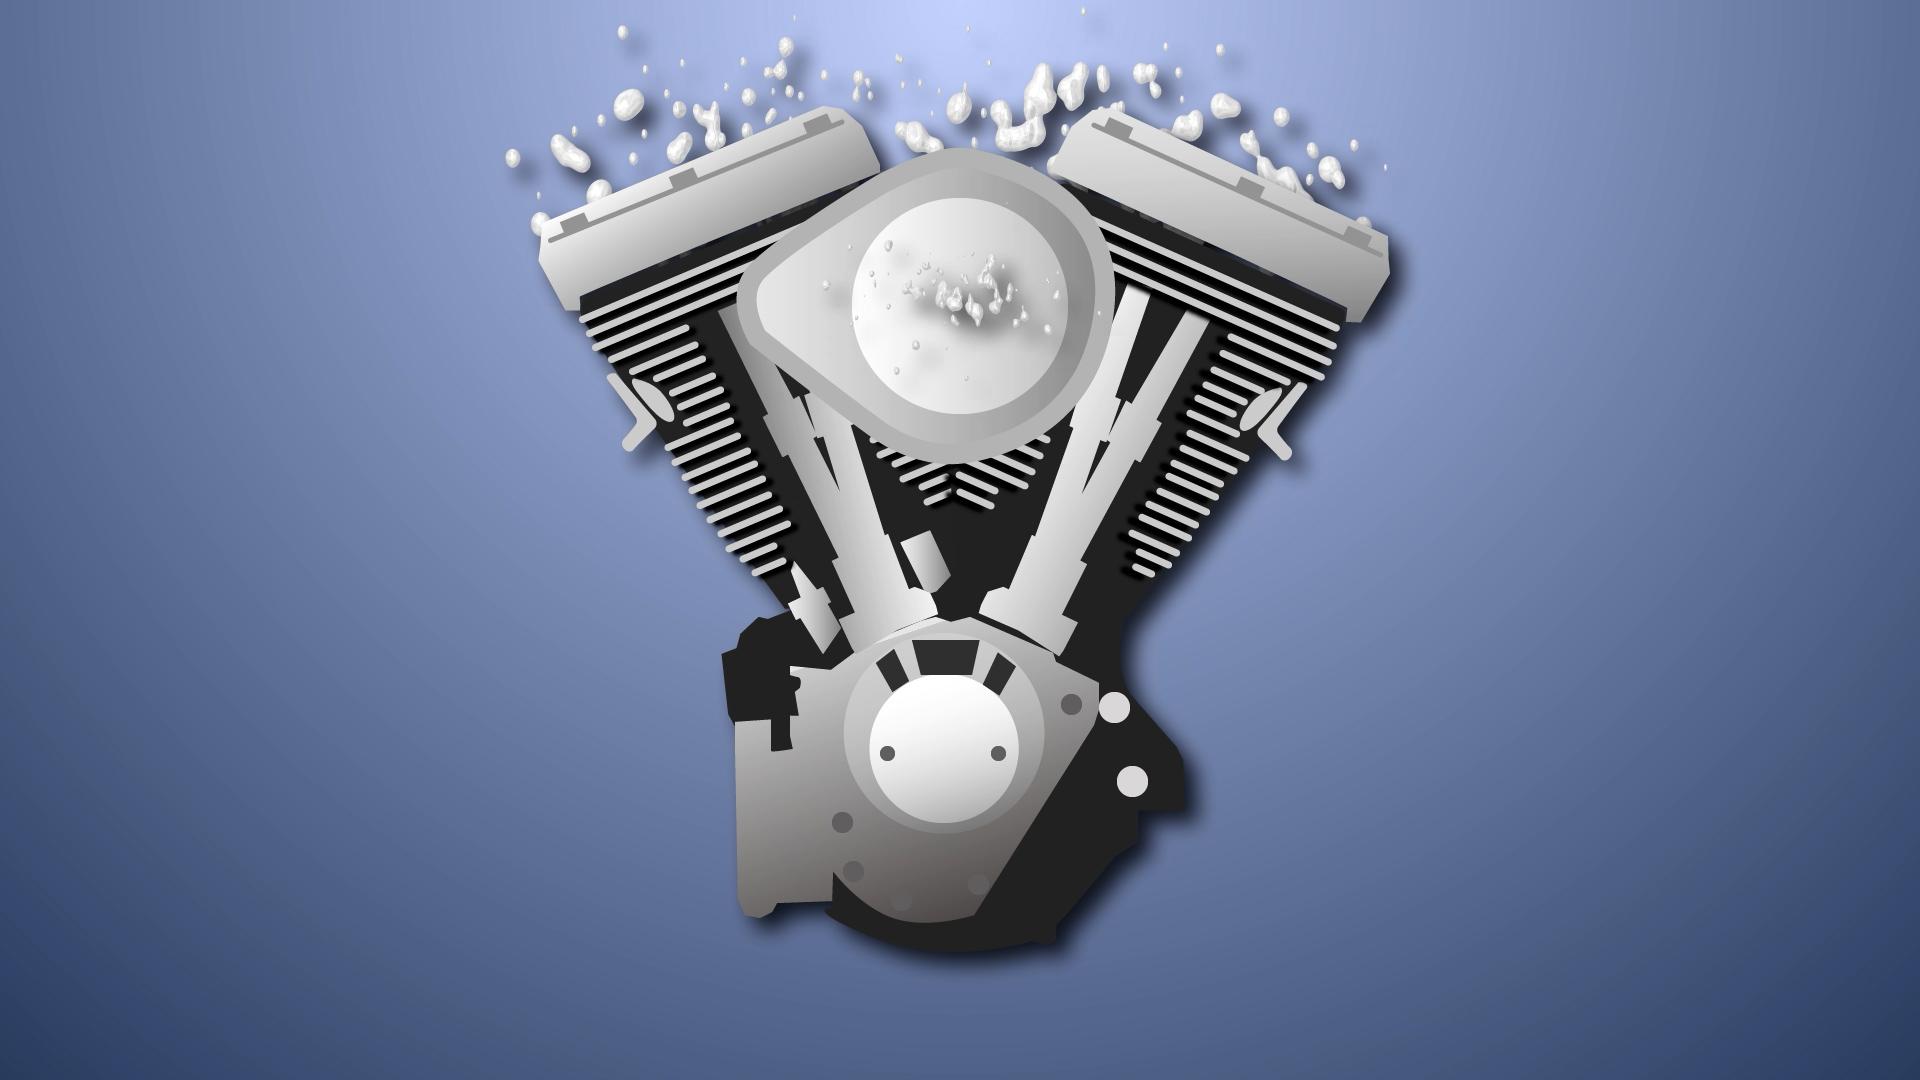 ハーレーのエンジンのイラストが動く無料素材